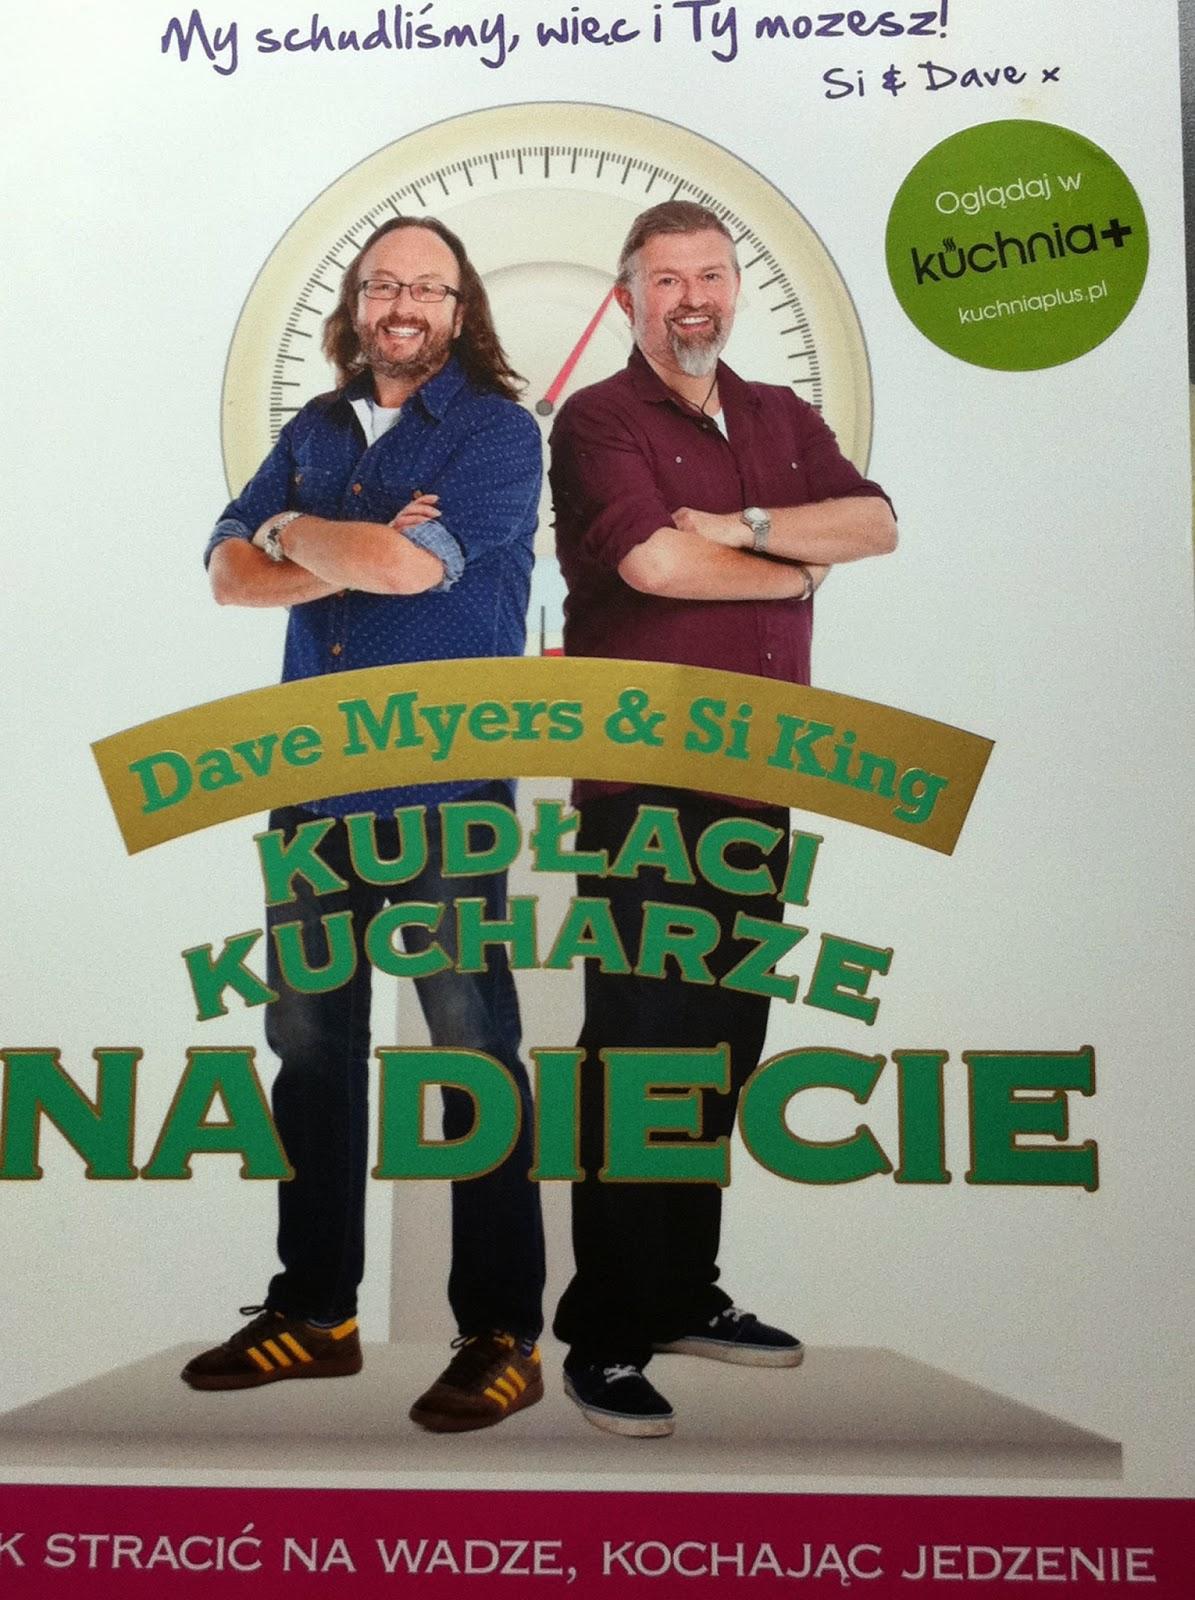 http://strefaulubiona.blogspot.com/2014/08/kudaci-kucharze-na-diecie-zbior.html